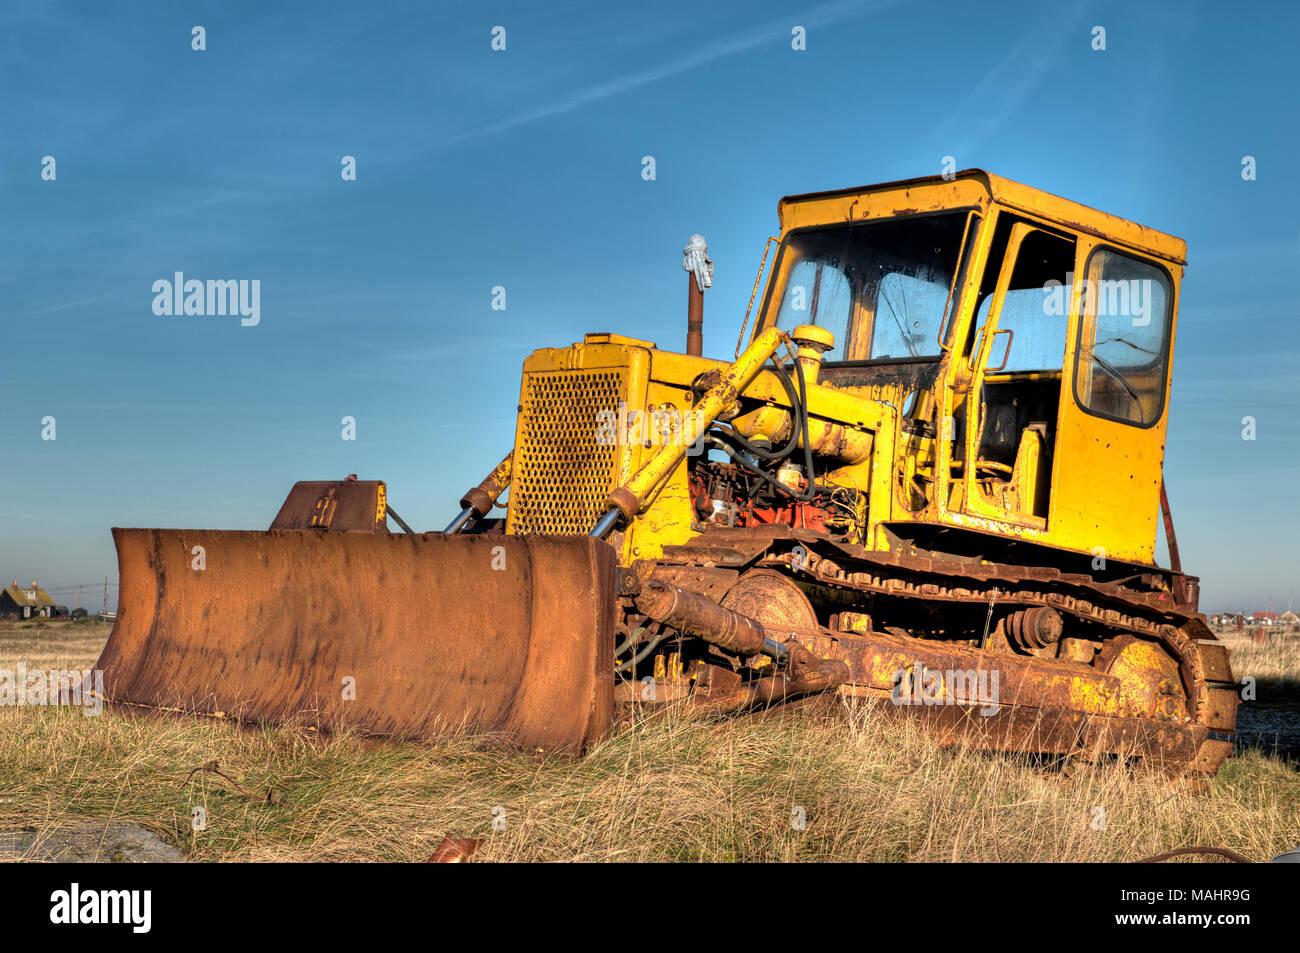 rusty-old-abandoned-bulldozer-MAHR9G.jpg